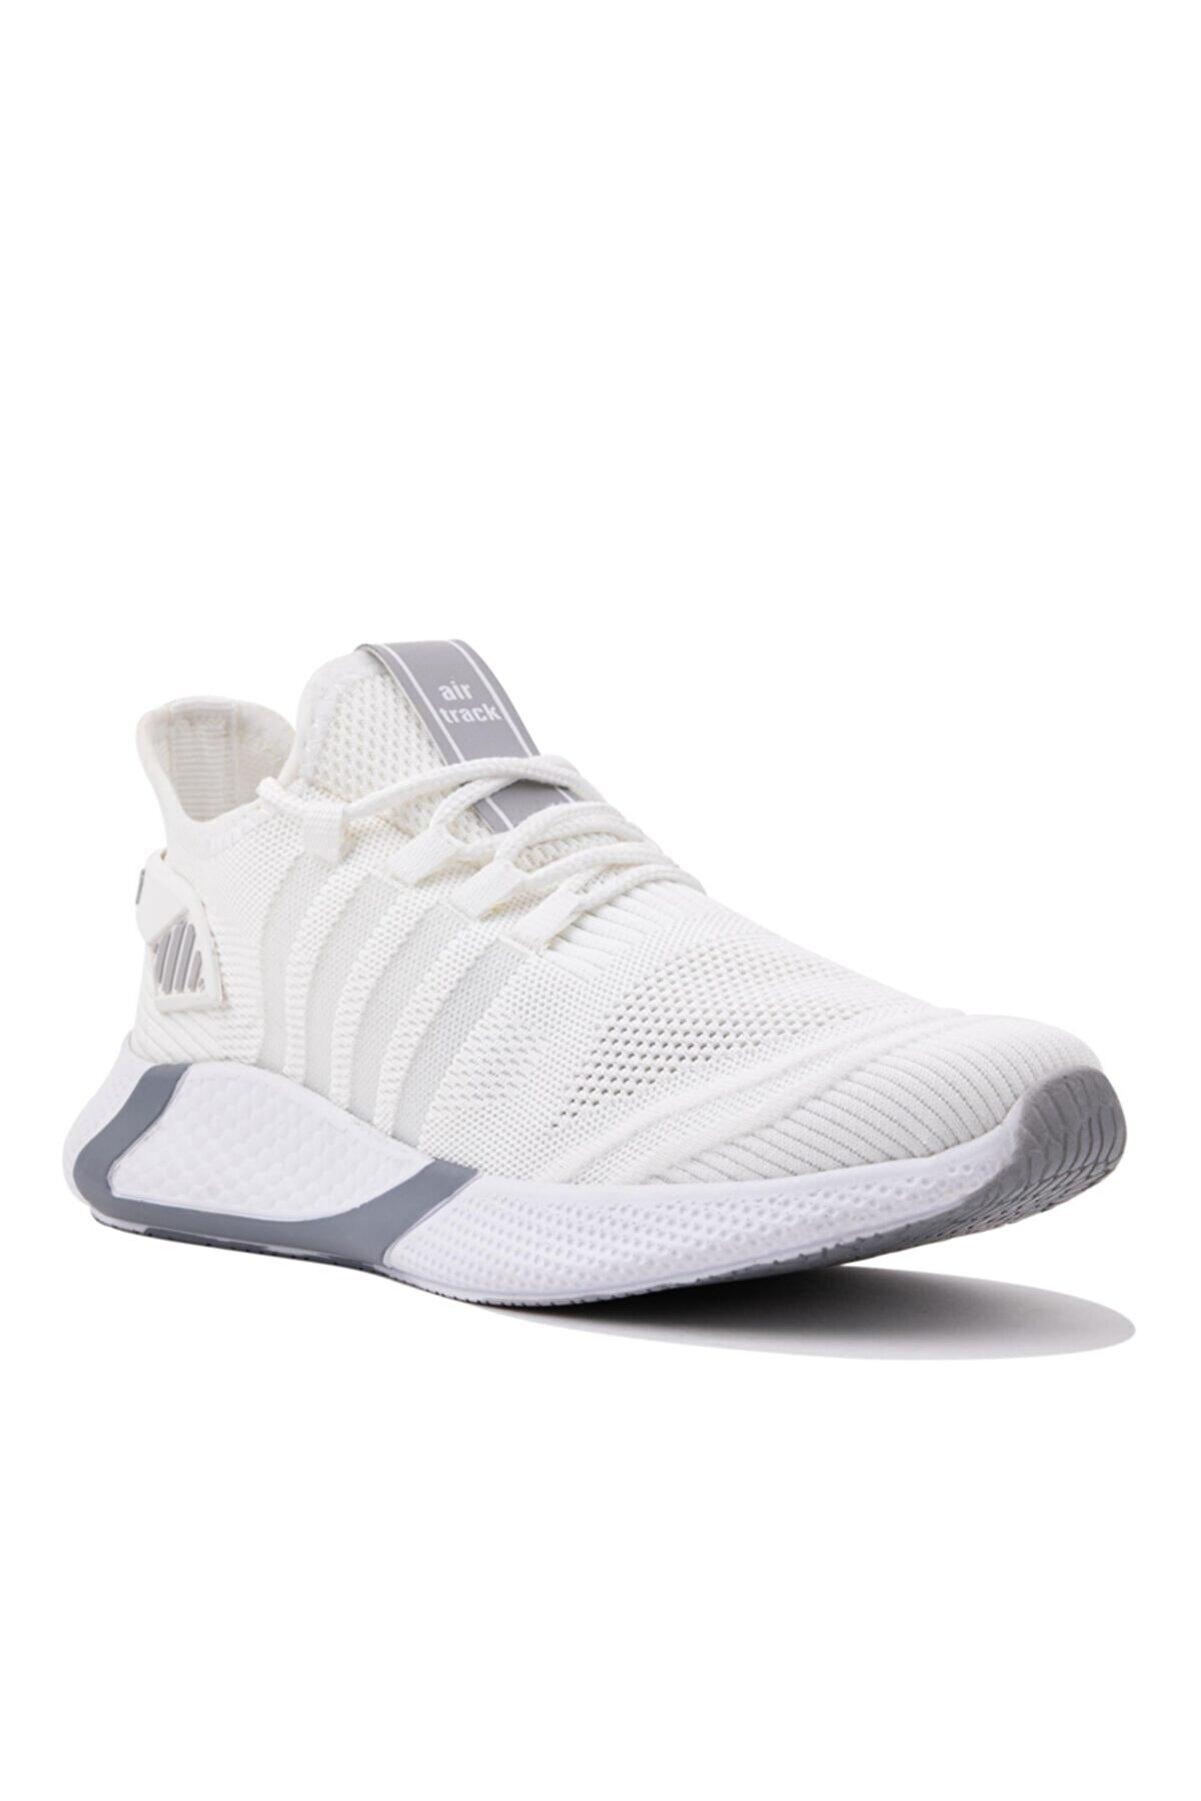 AIRTRACK Erkek Beyaz Günlük Yumuşak Mermory Hafıza Tabanlı Hafif Yürüyüş Ayakkabısı Sneaker